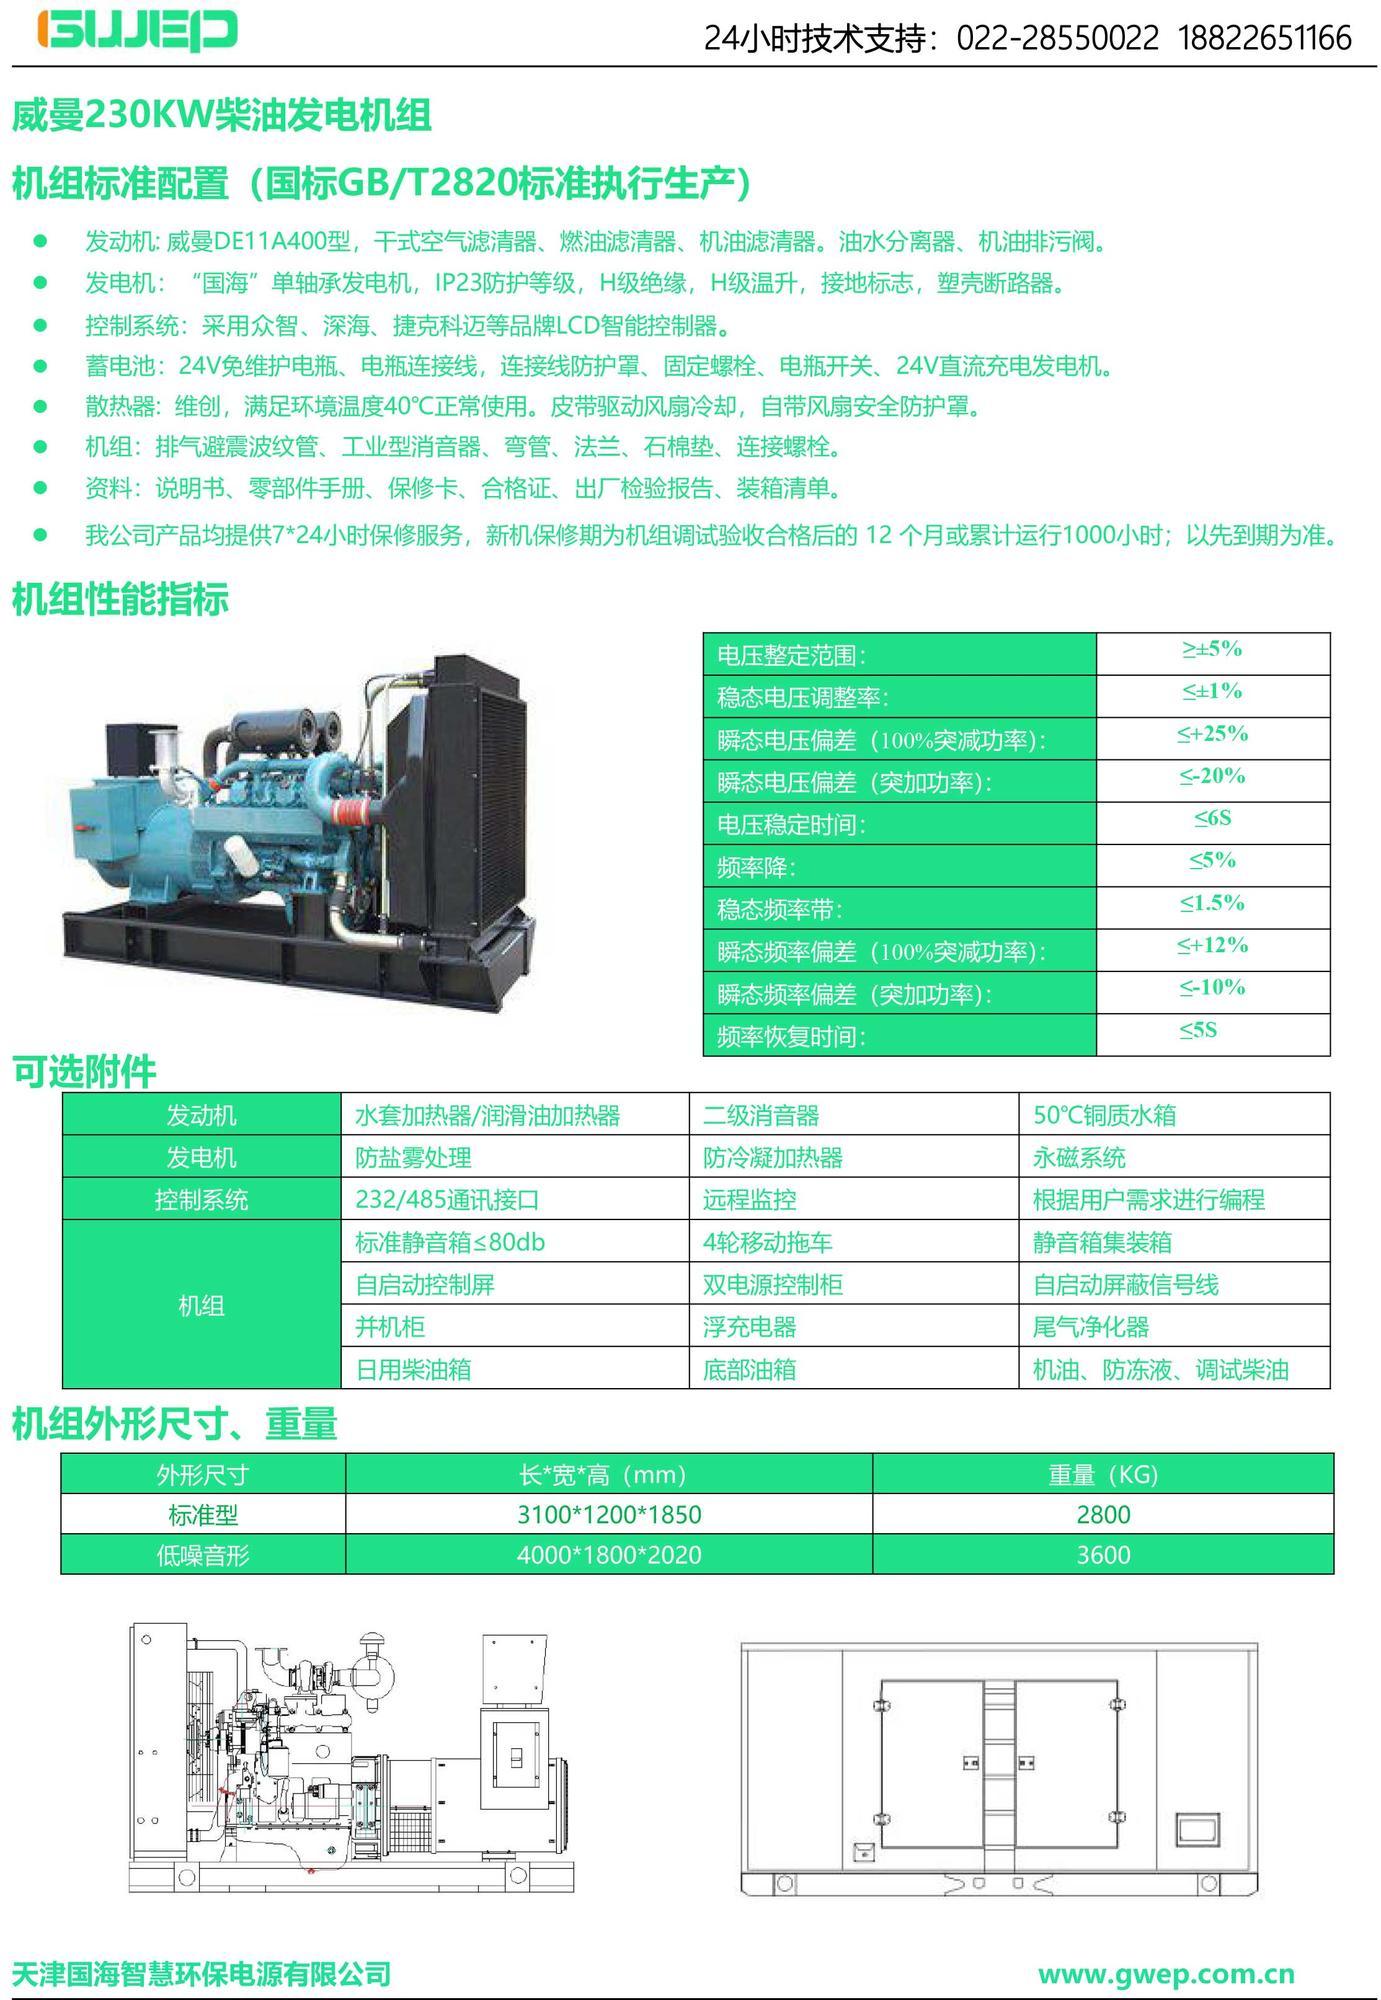 威曼230KW發電機組技術資料-1.jpg